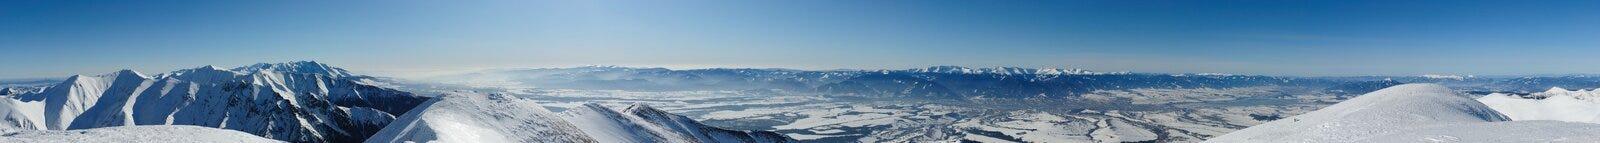 Tatra Mountain Panorama. Panorama taken from the Western Tatras, Slovakia Stock Images